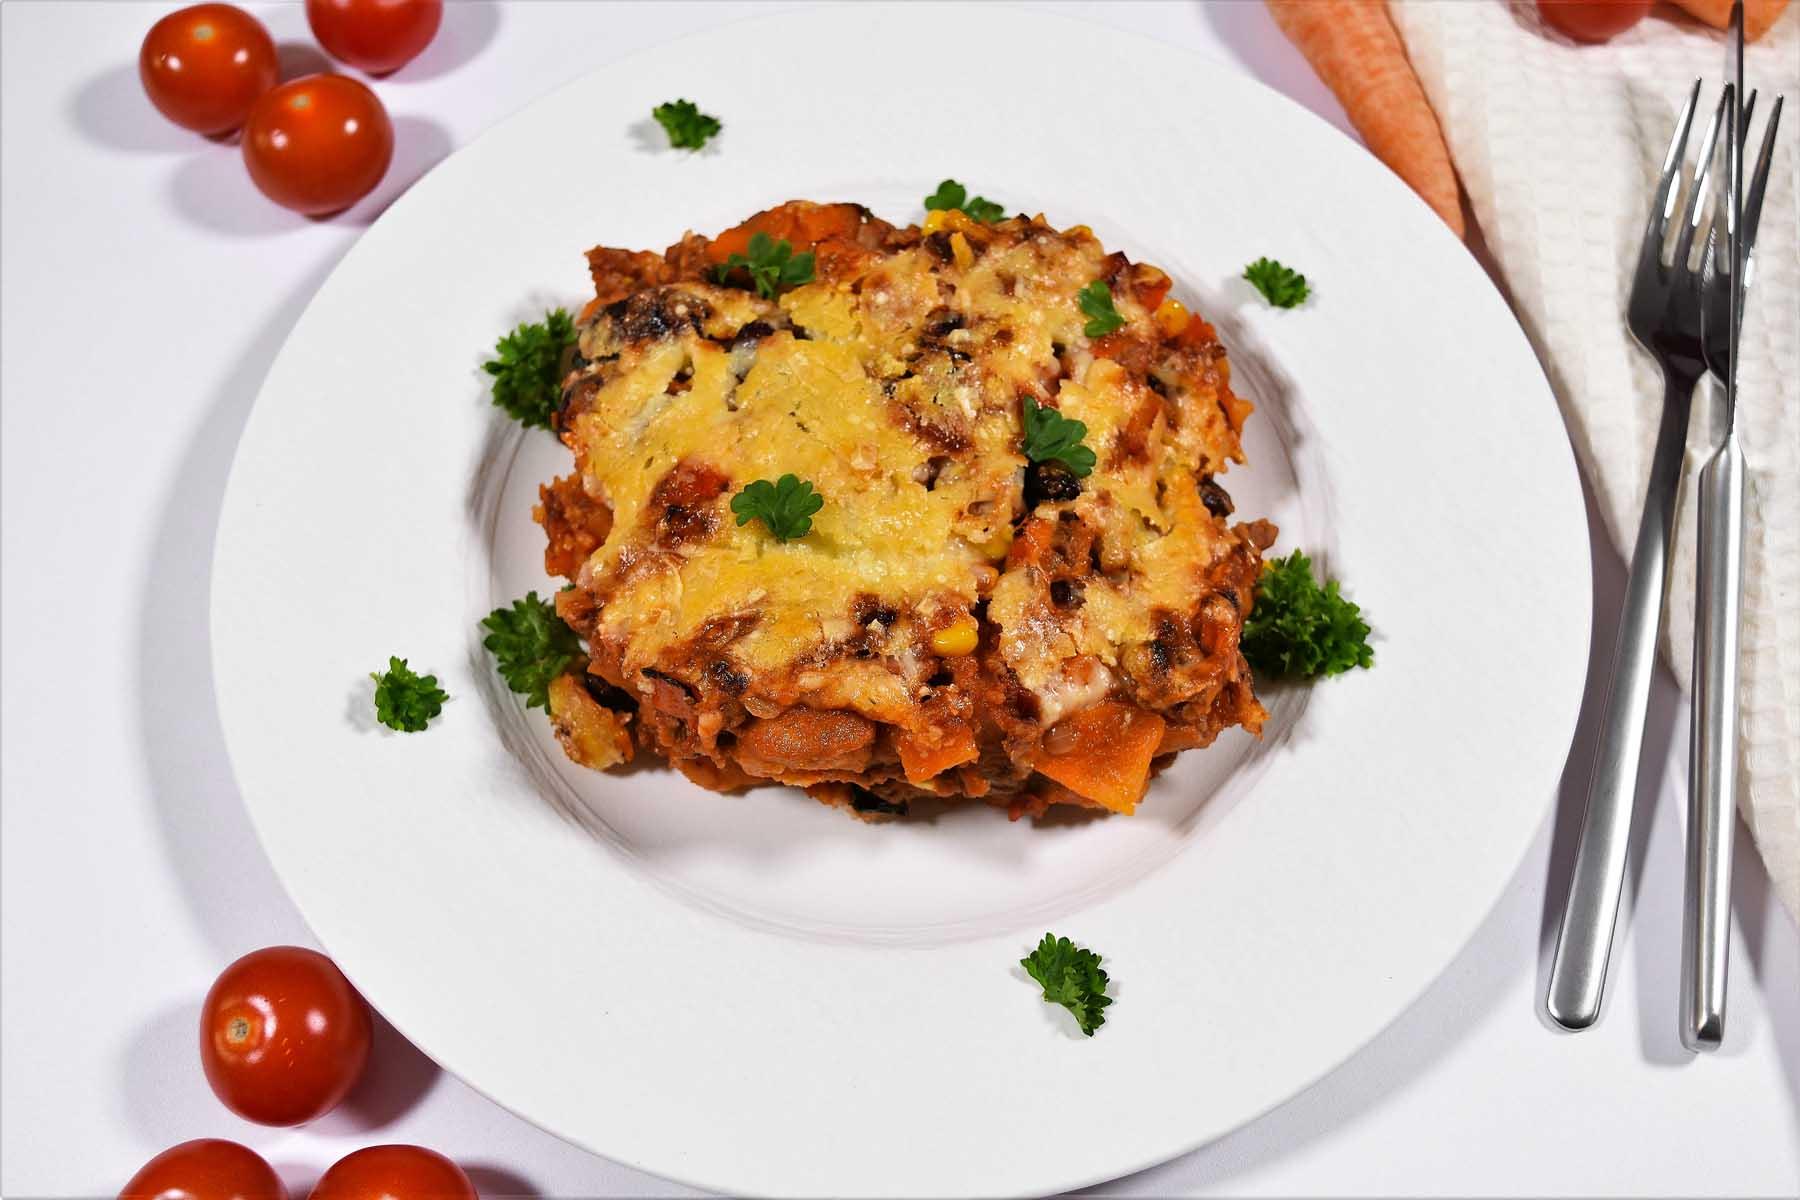 Brotauflauf a la Chili con Carne